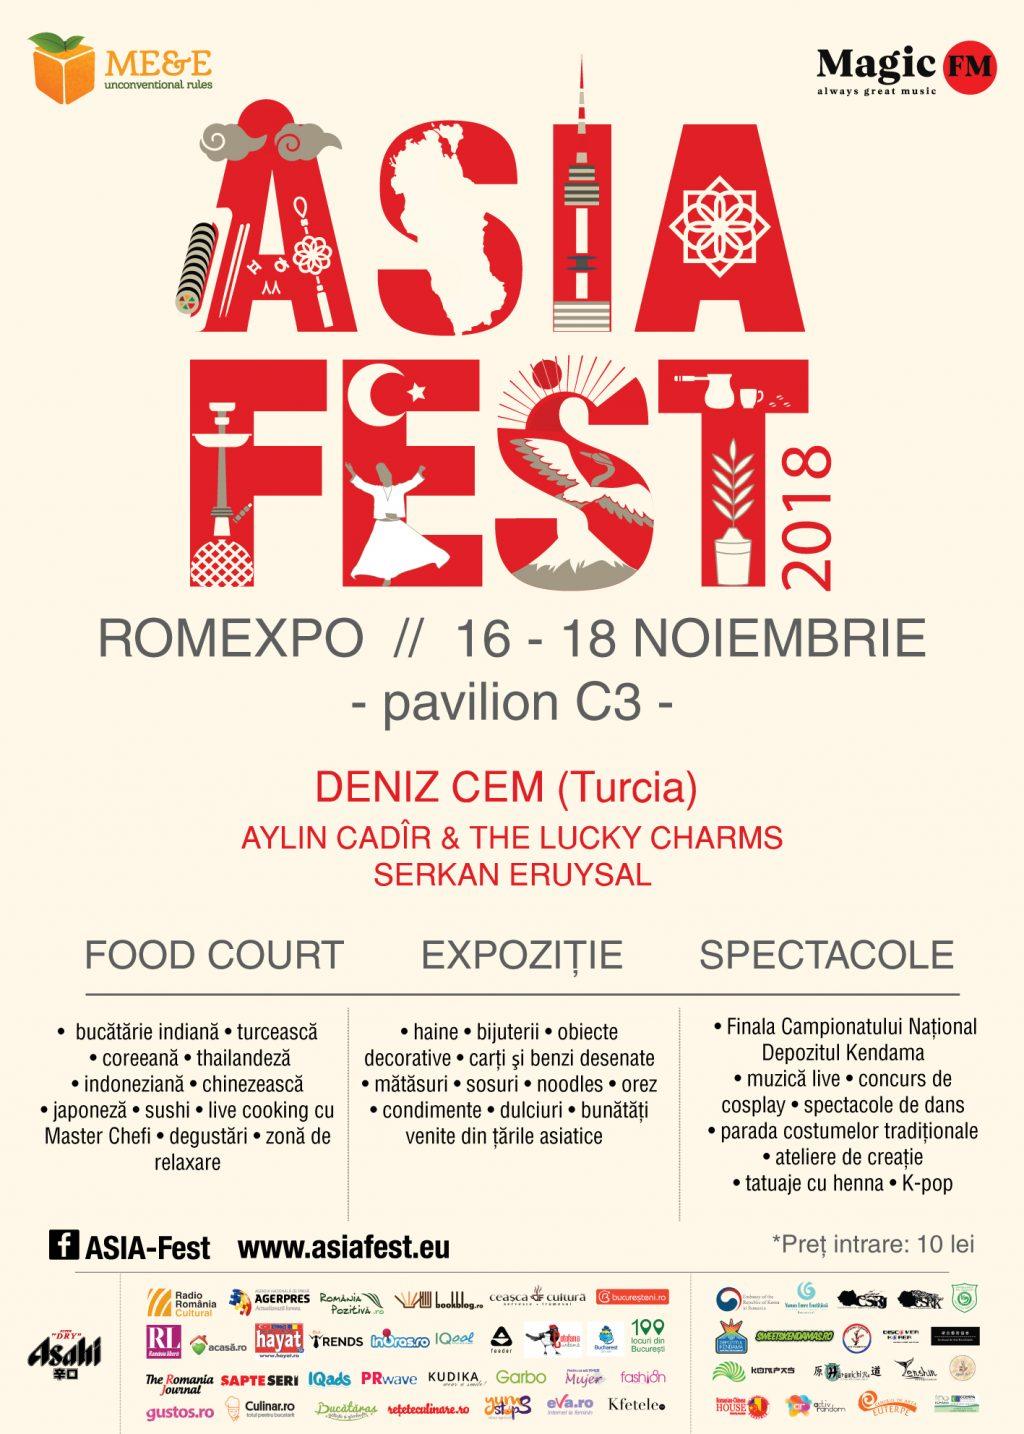 Asia Fest revine cu a șasea ediție dedicată Turciei Arte marțiale, K-pop, dans Bollywood, Cosplay, cultură și gastronomie asiatică, între 16 – 18 noiembrie în pavilionul C3 al Romexpo